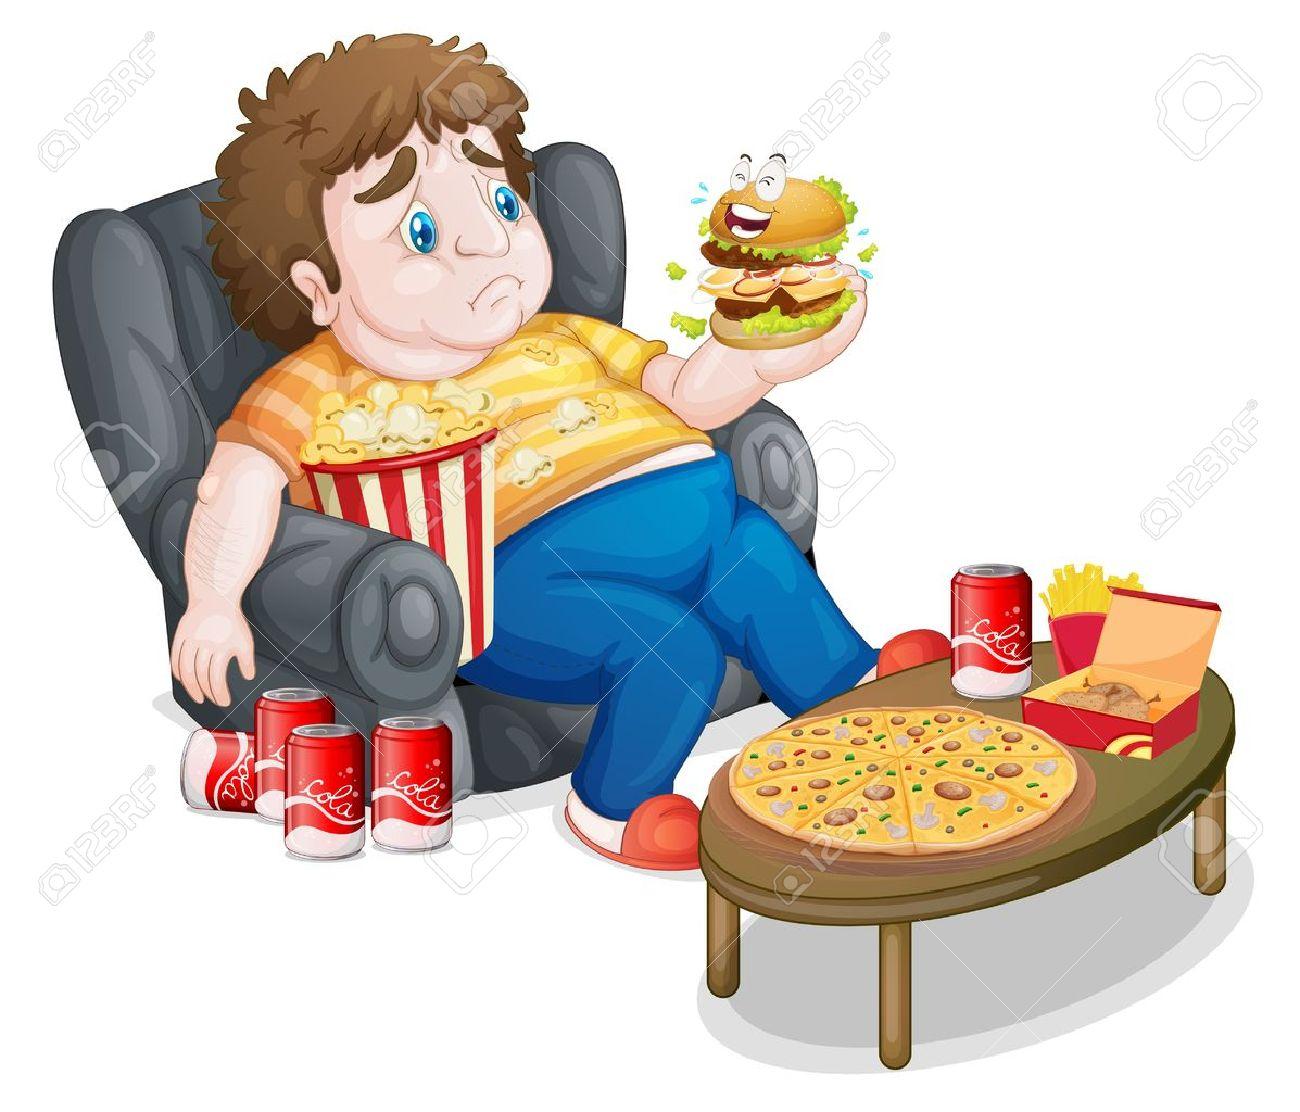 ¿que te cuentas? - Página 25 18459514-Ilustraci-n-de-un-muchacho-gordo-comiendo-en-un-fondo-blanco-Foto-de-archivo